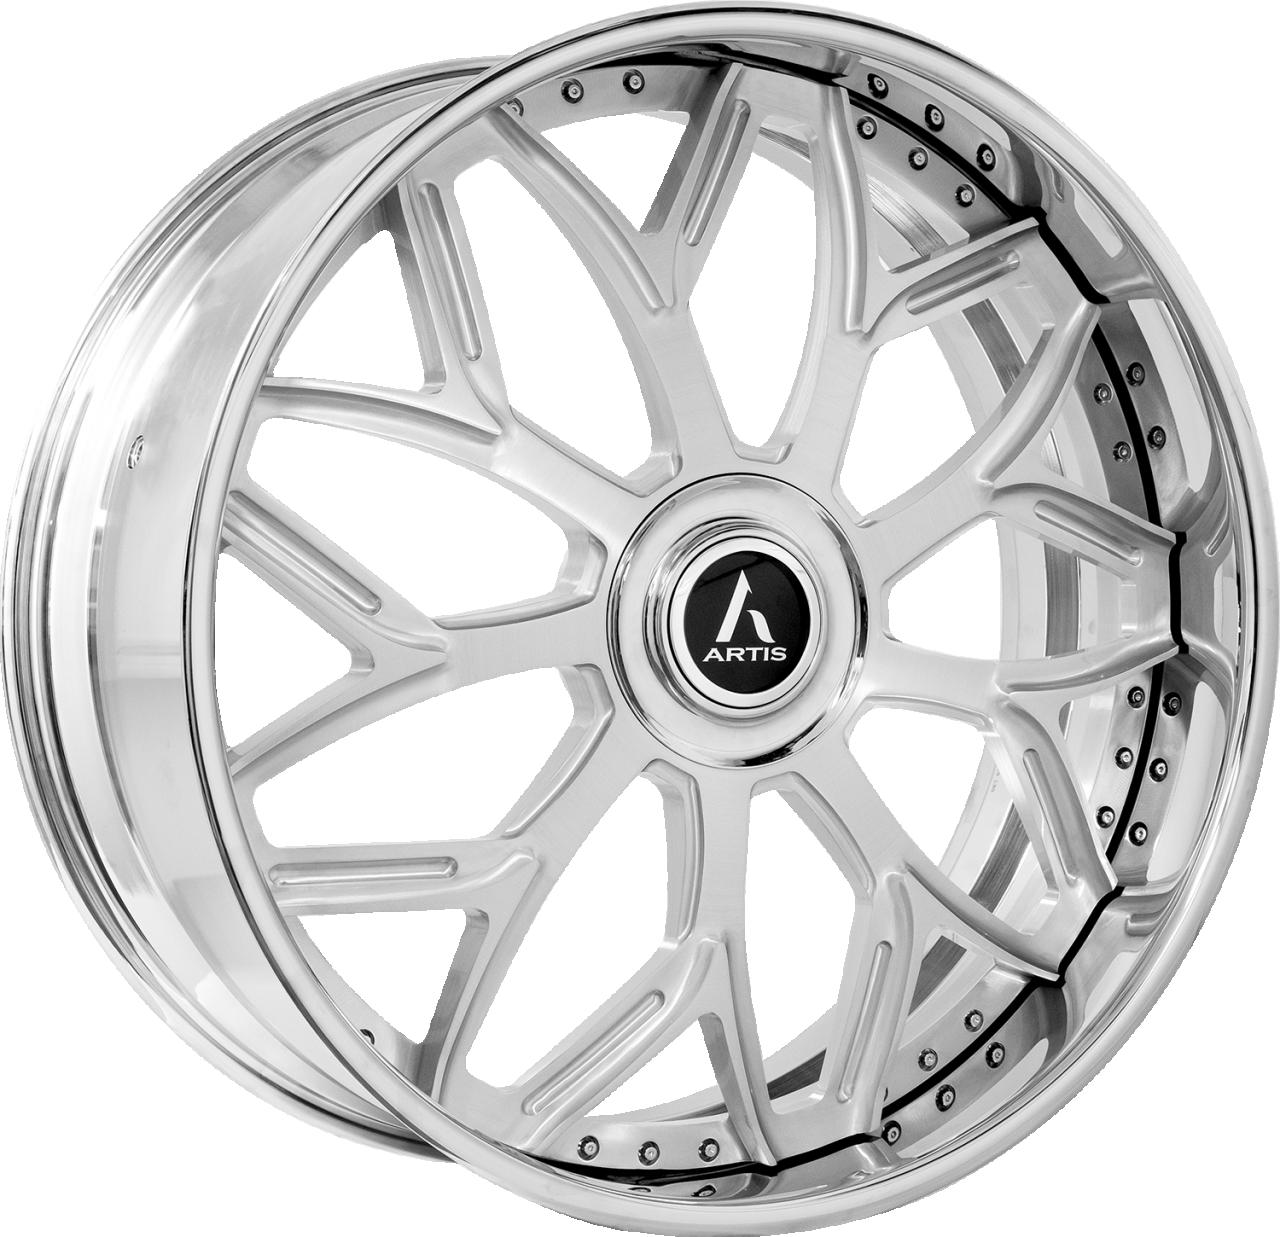 Artis Forged Bulgari wheel with Brushed finish